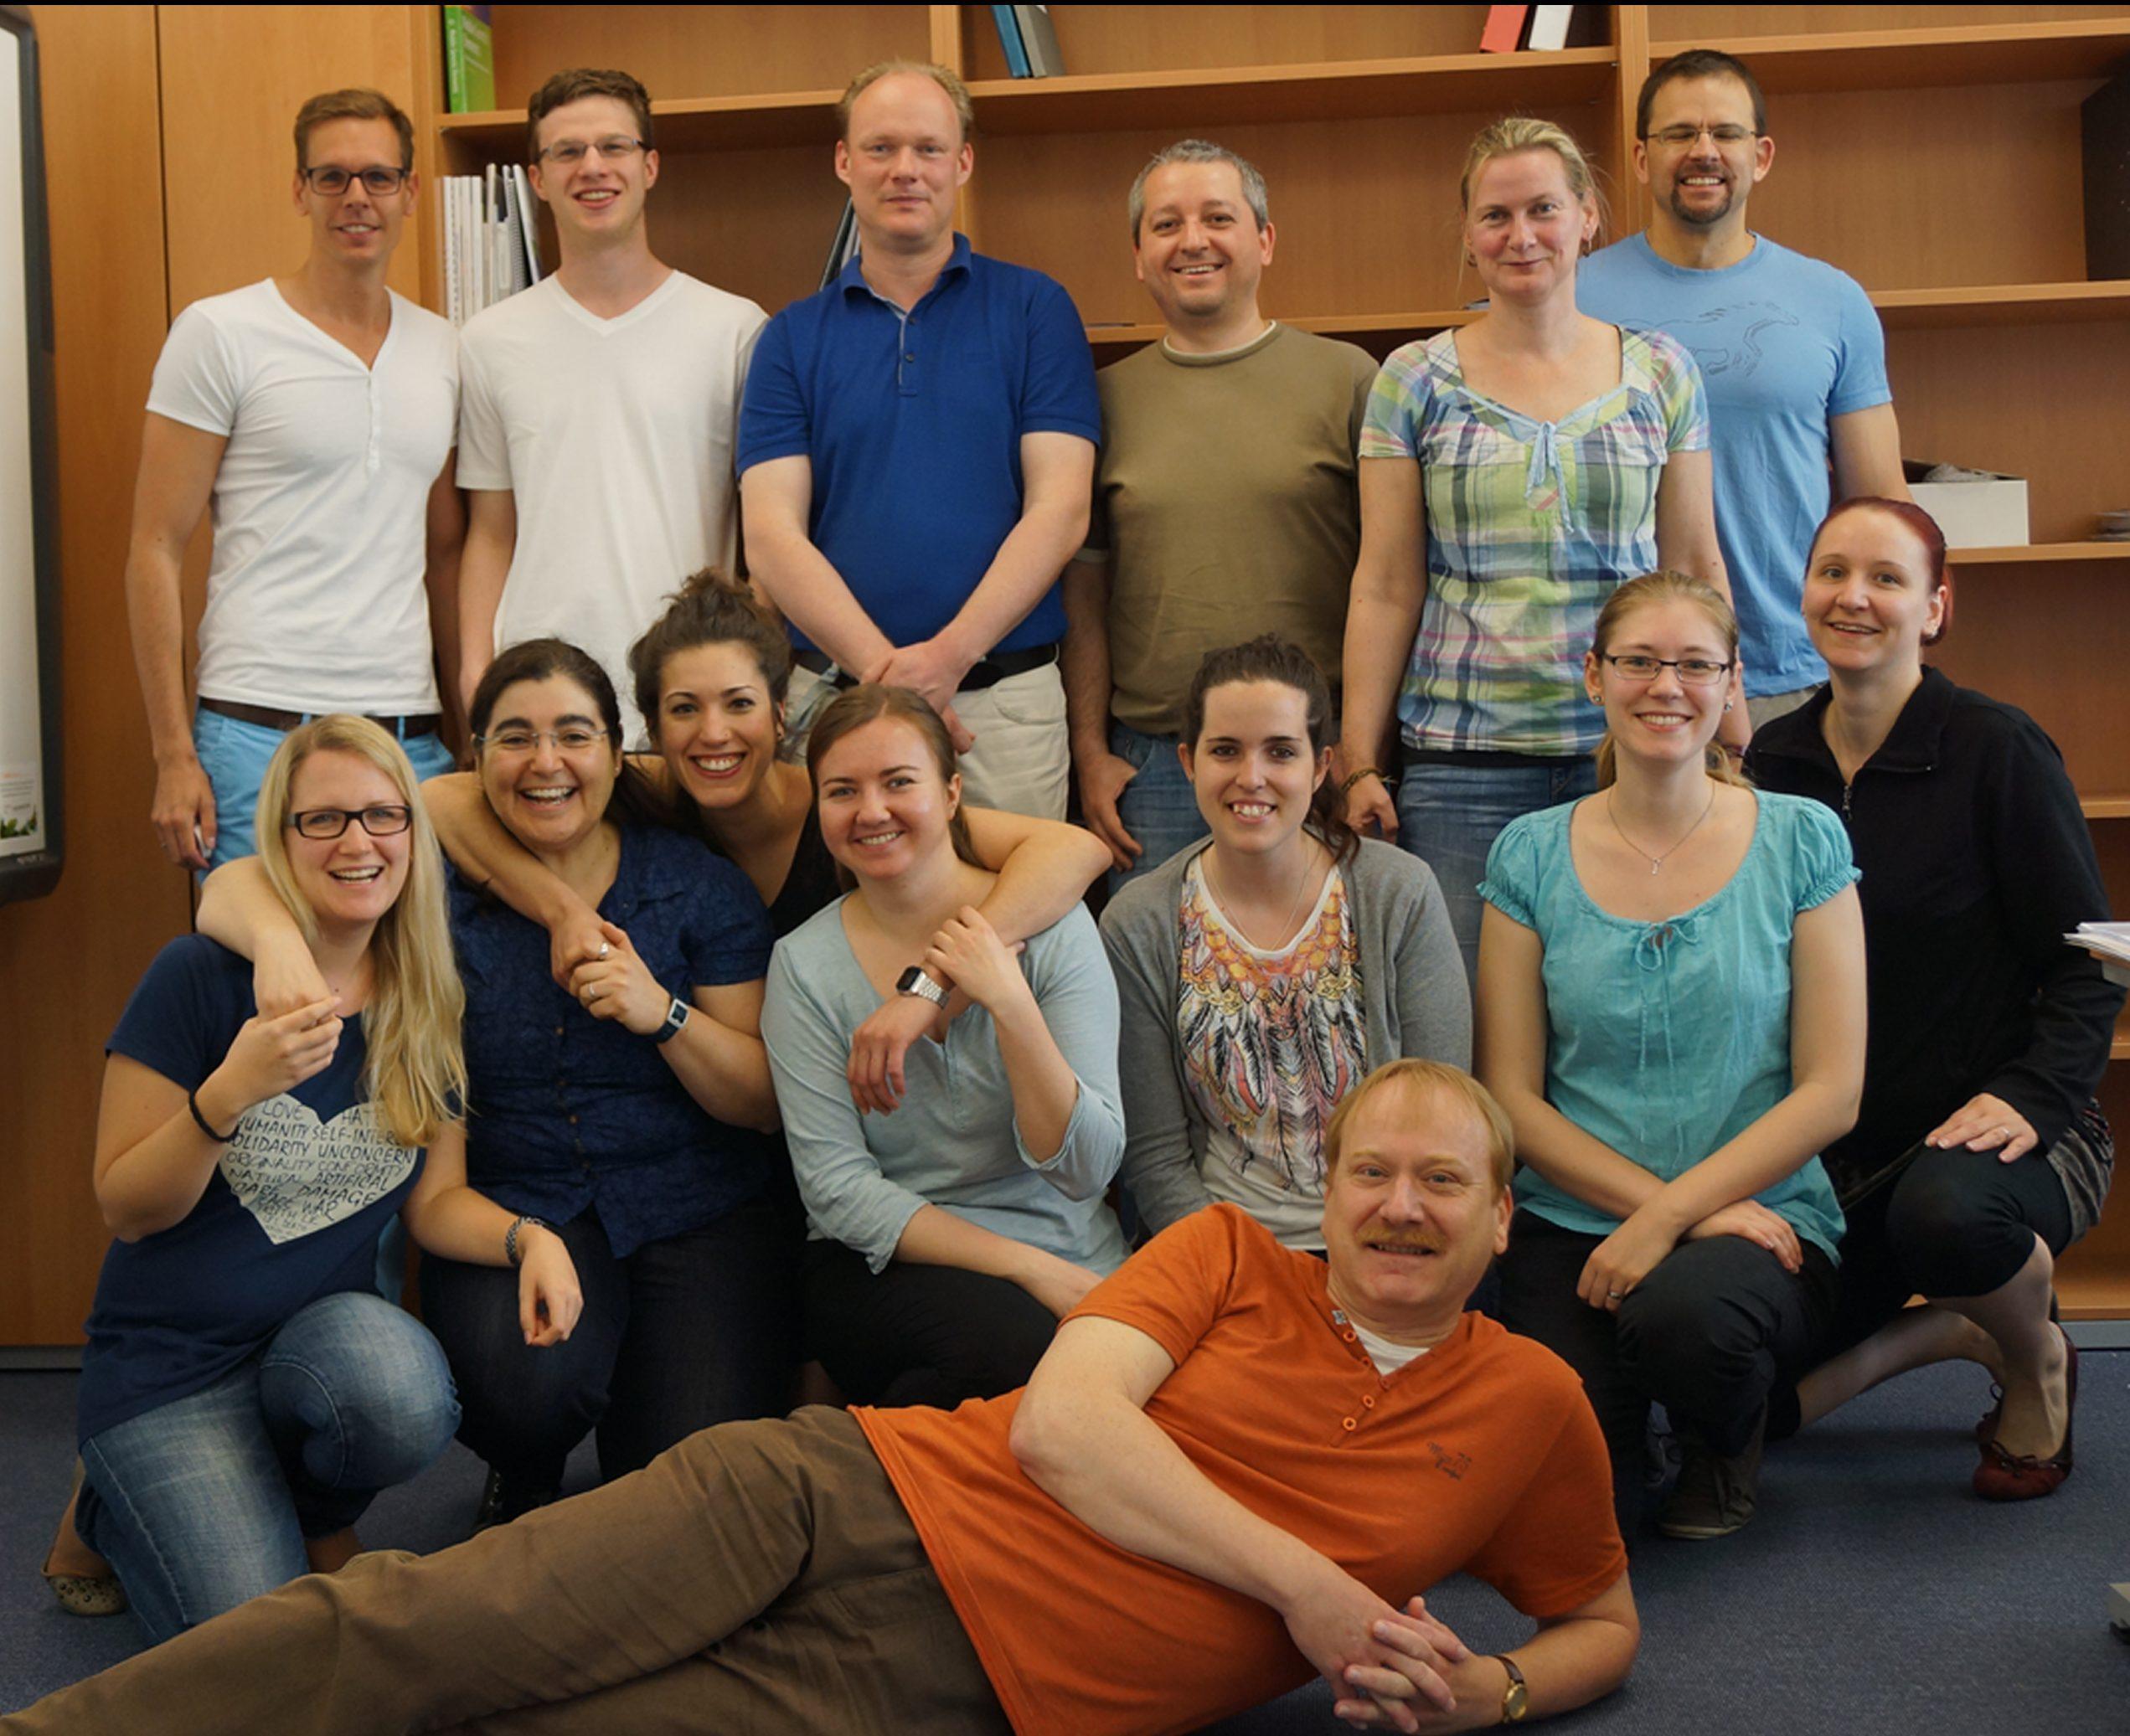 The Bundesinstitut für Impfstoffe und Biomedizinische Arzneimittel team